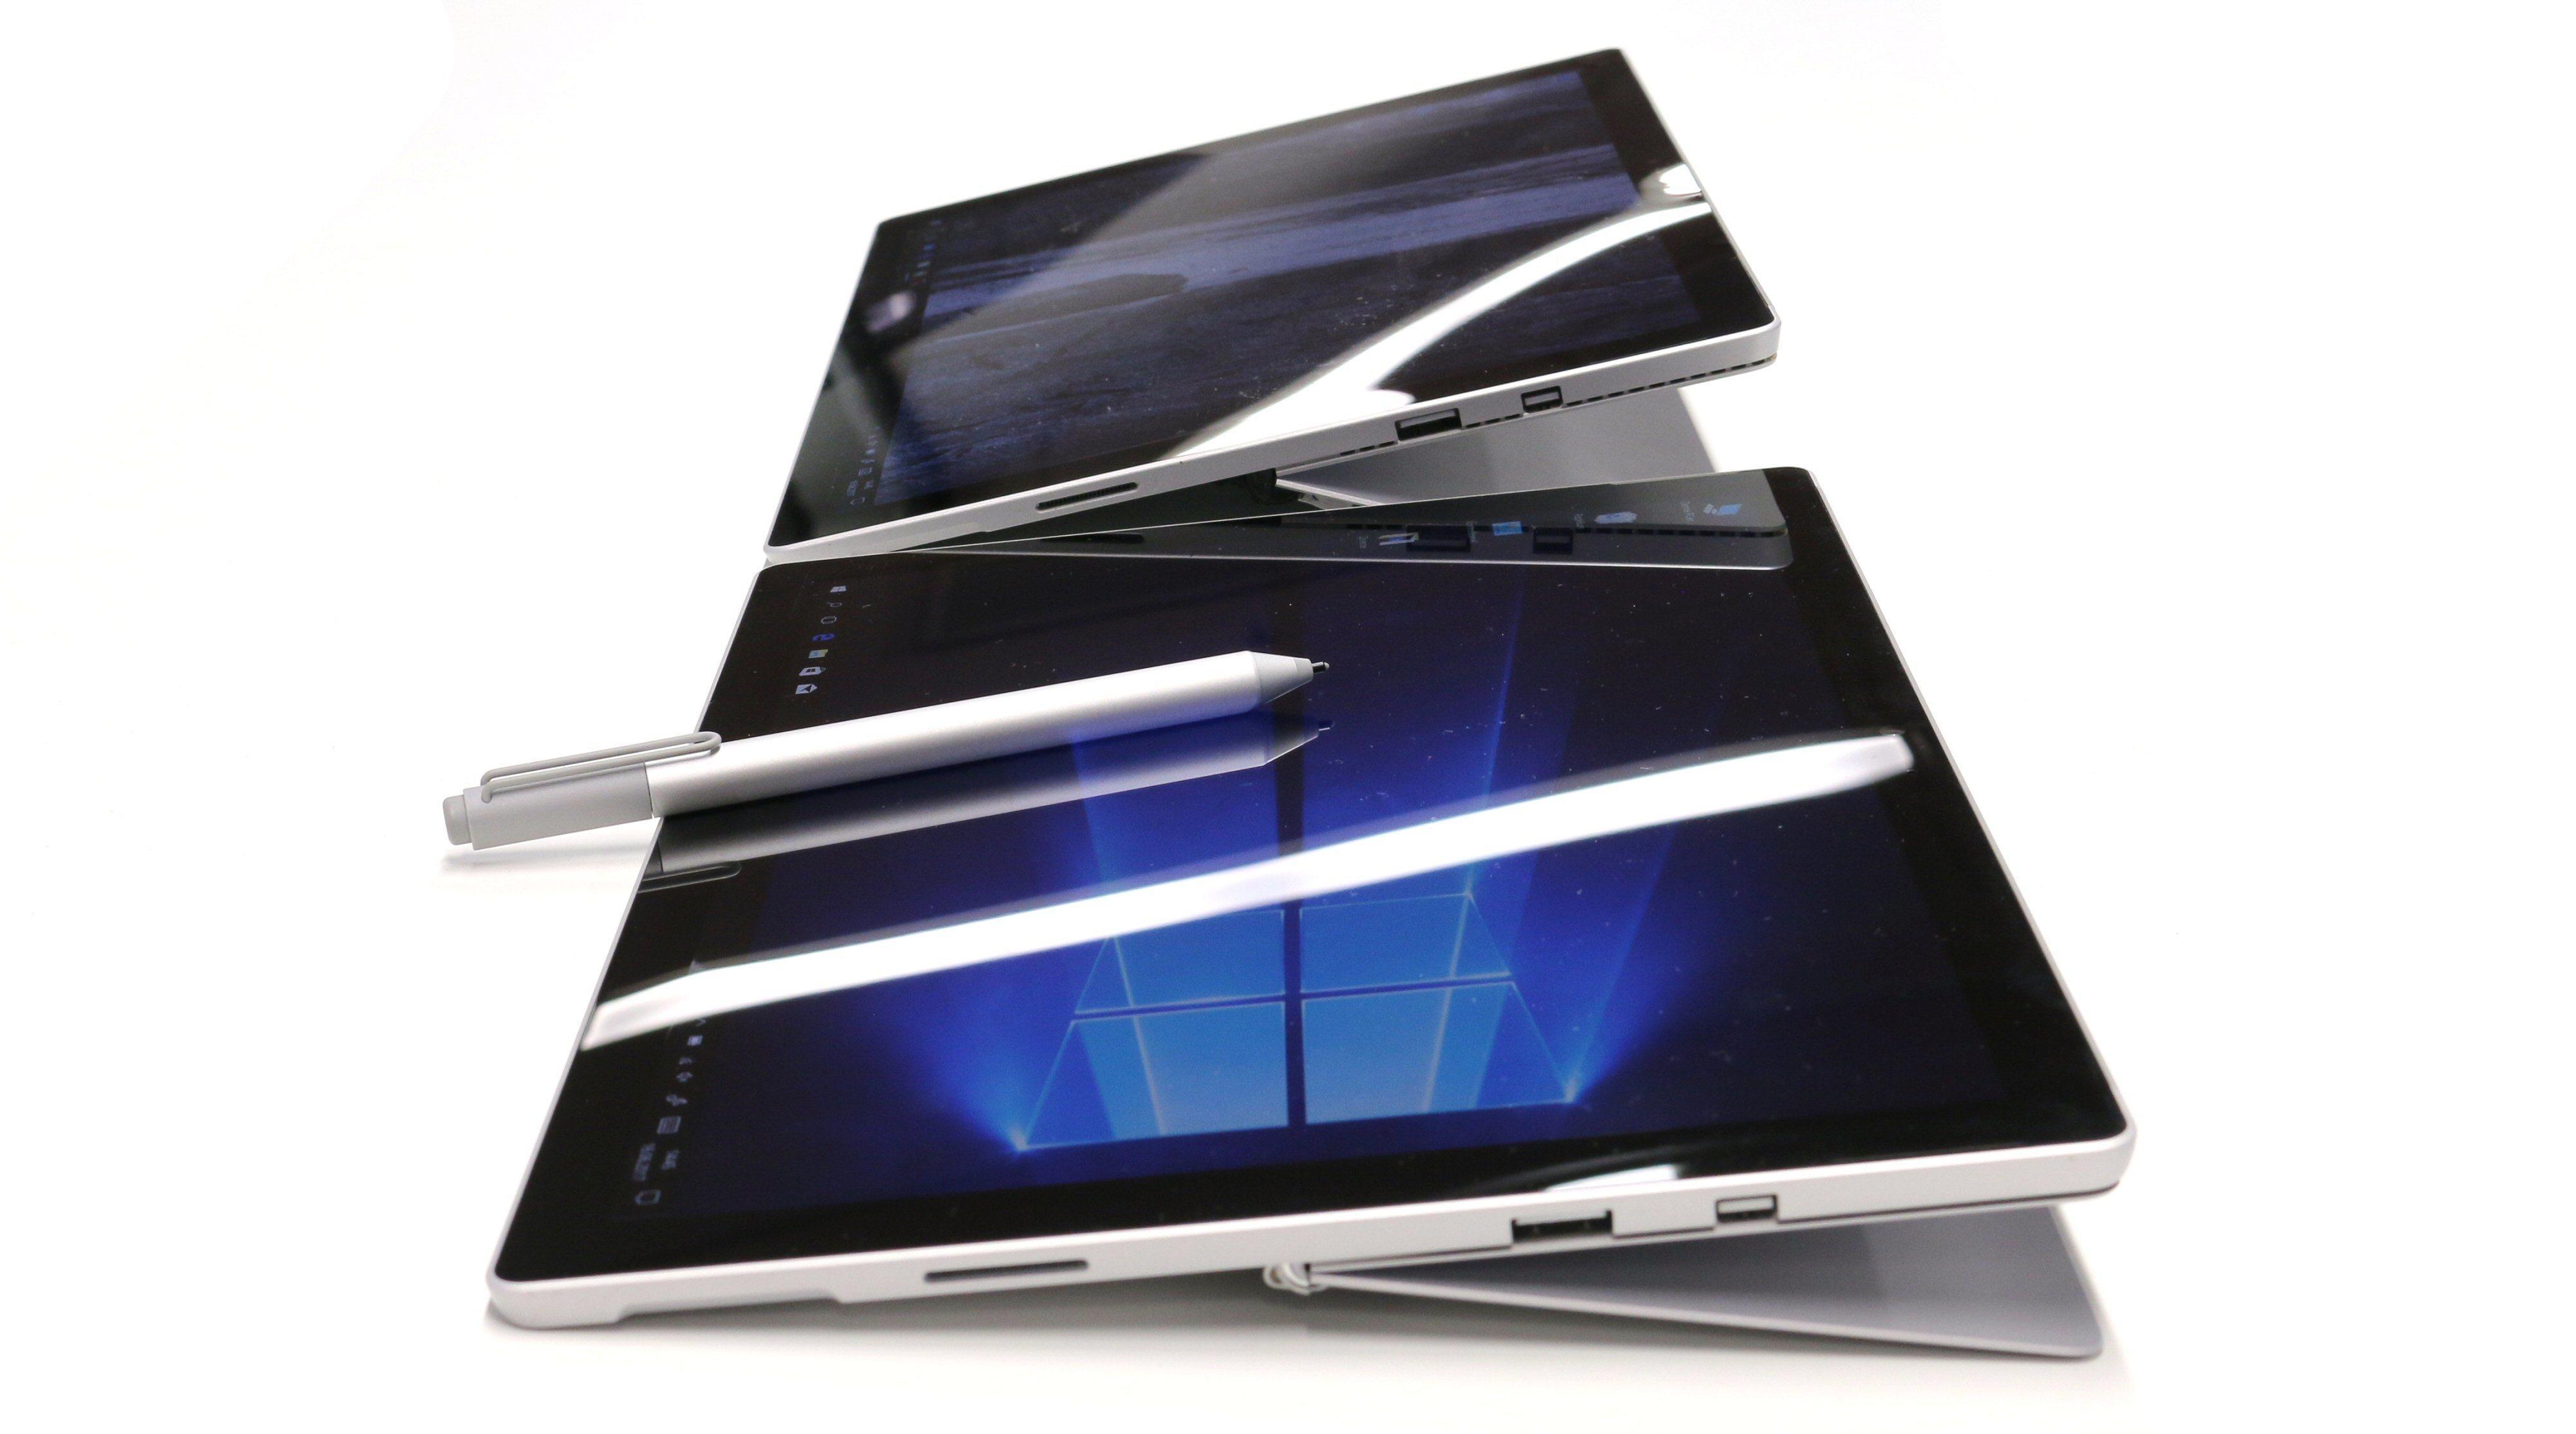 Nye Surface Pro (nærmest) kan legges i en lavere vinkel mot bordplaten enn Surface Pro 4.